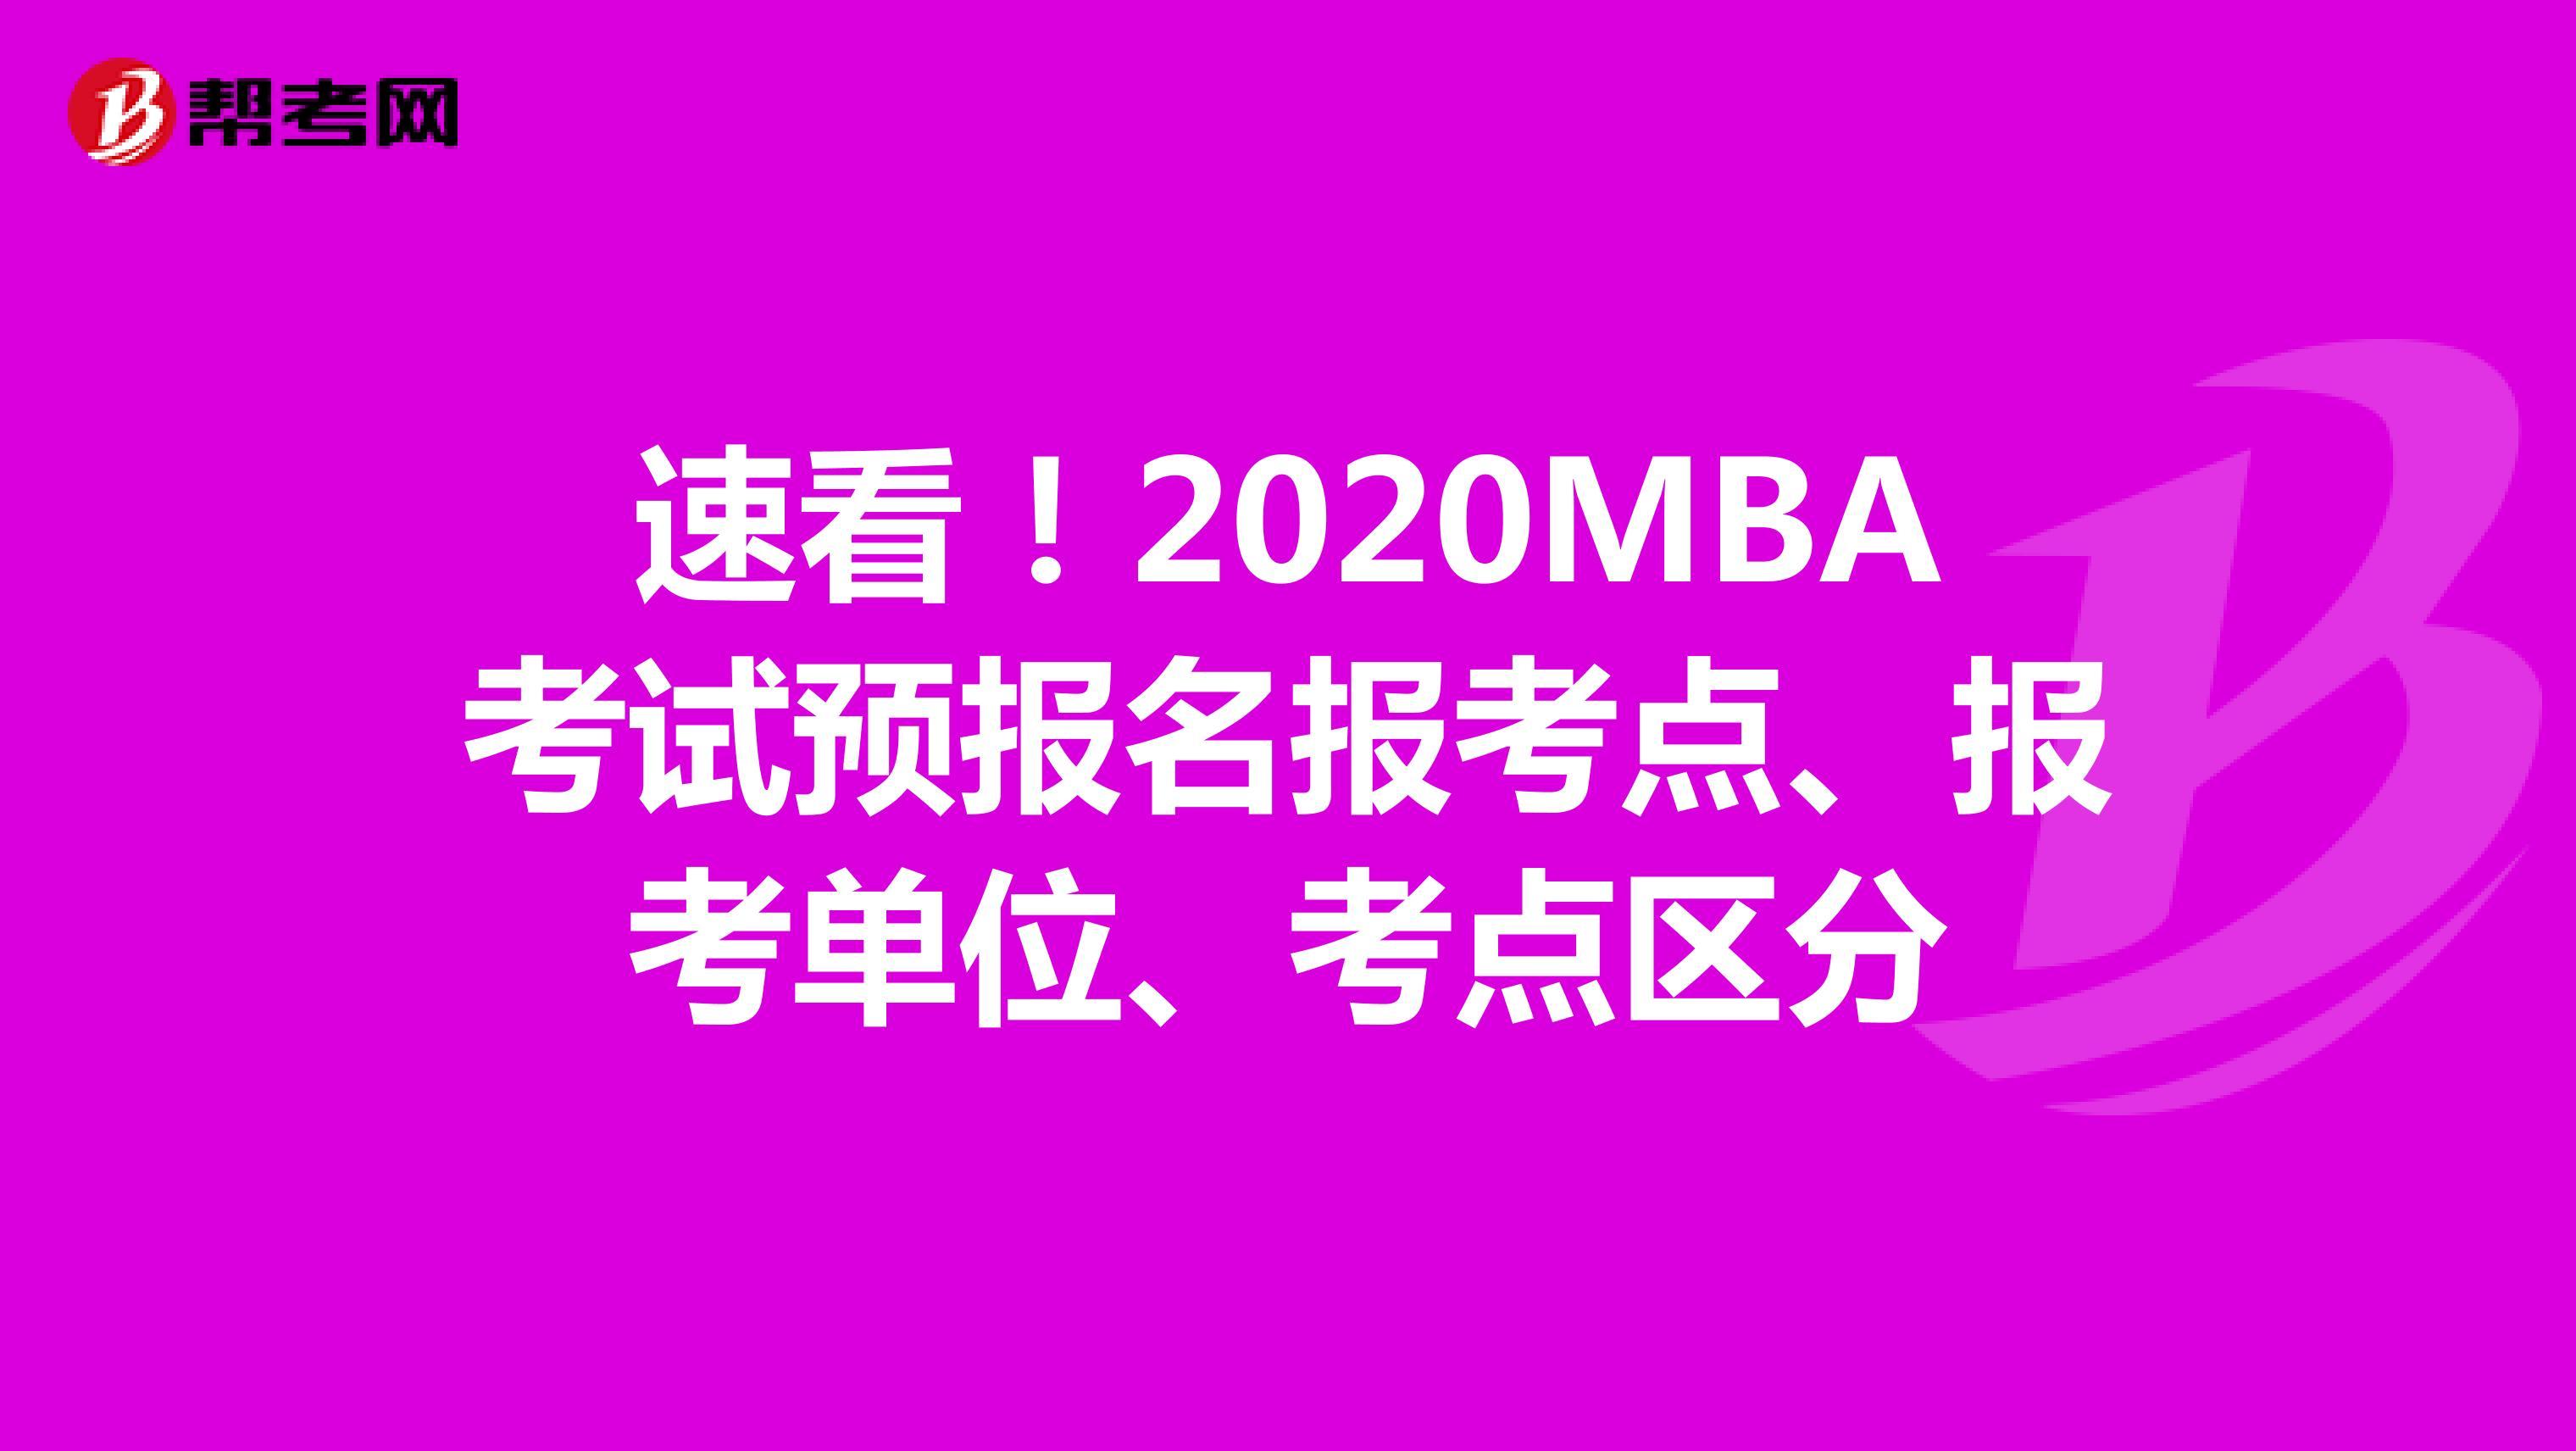 速看!2020MBA考试预报名报考点、报考单位、考点区分